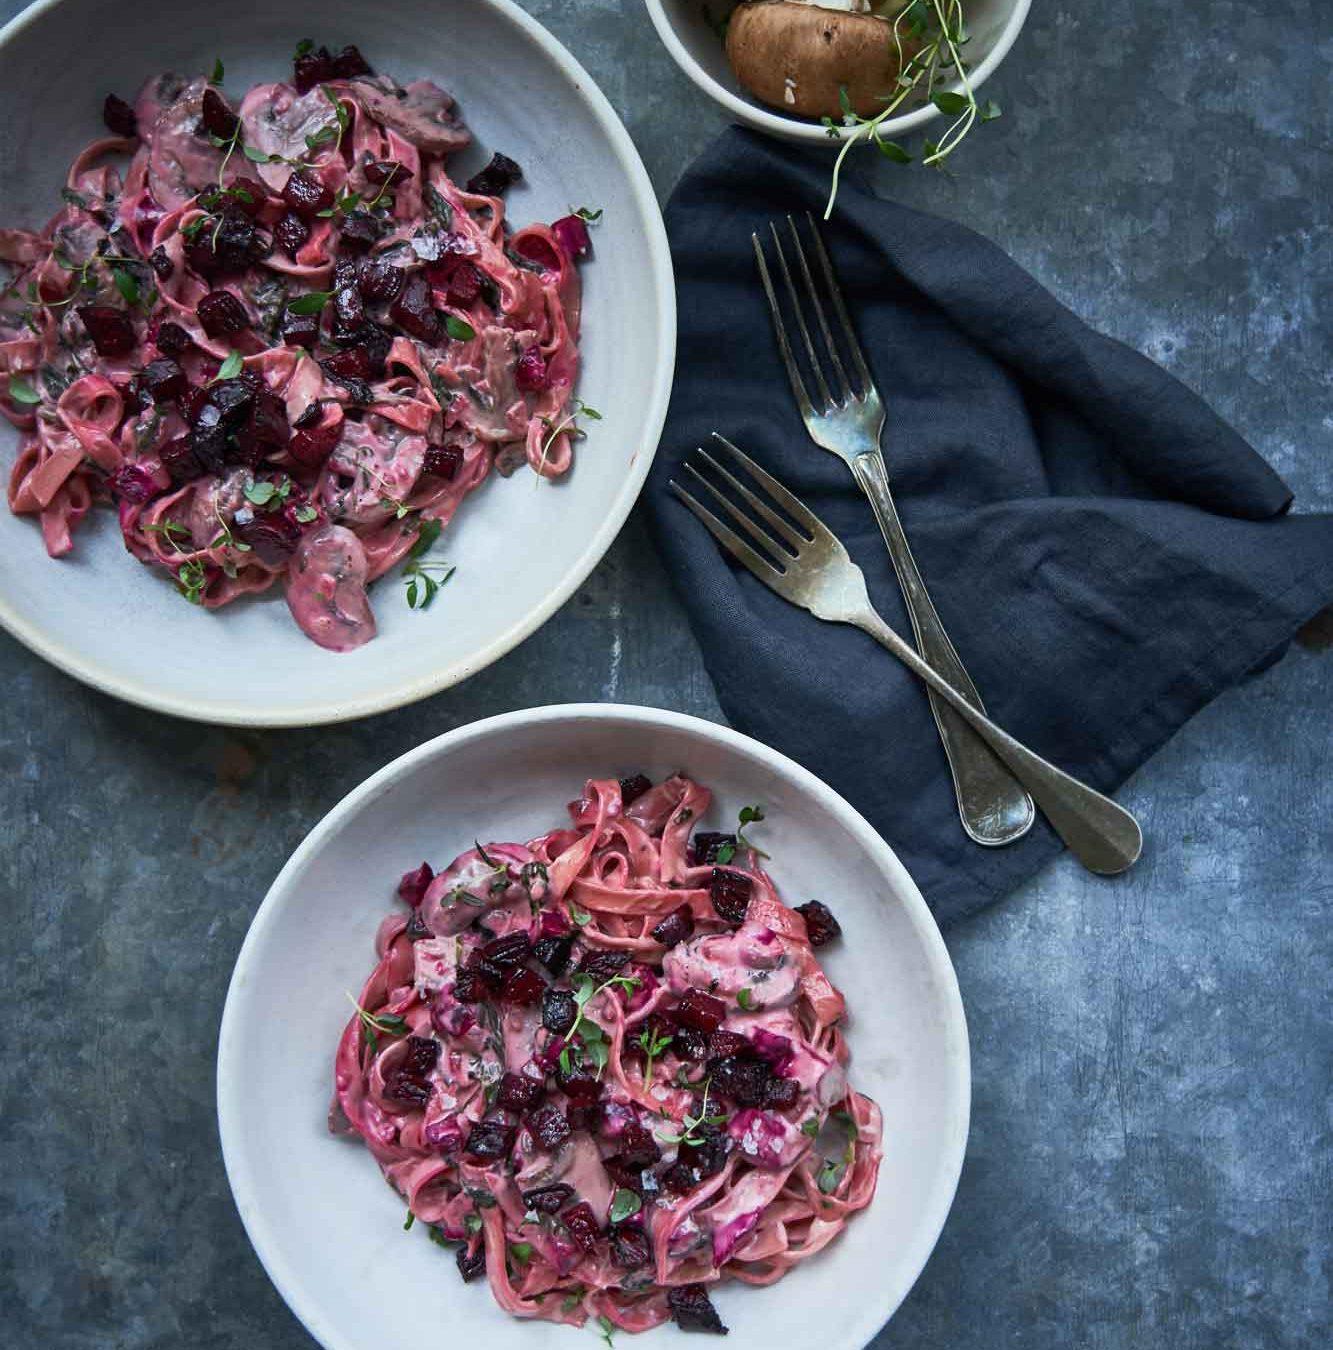 Ost i grønne hverdagsklæder: Pasta med sovs af blåskimmelost og bagte rødbeder